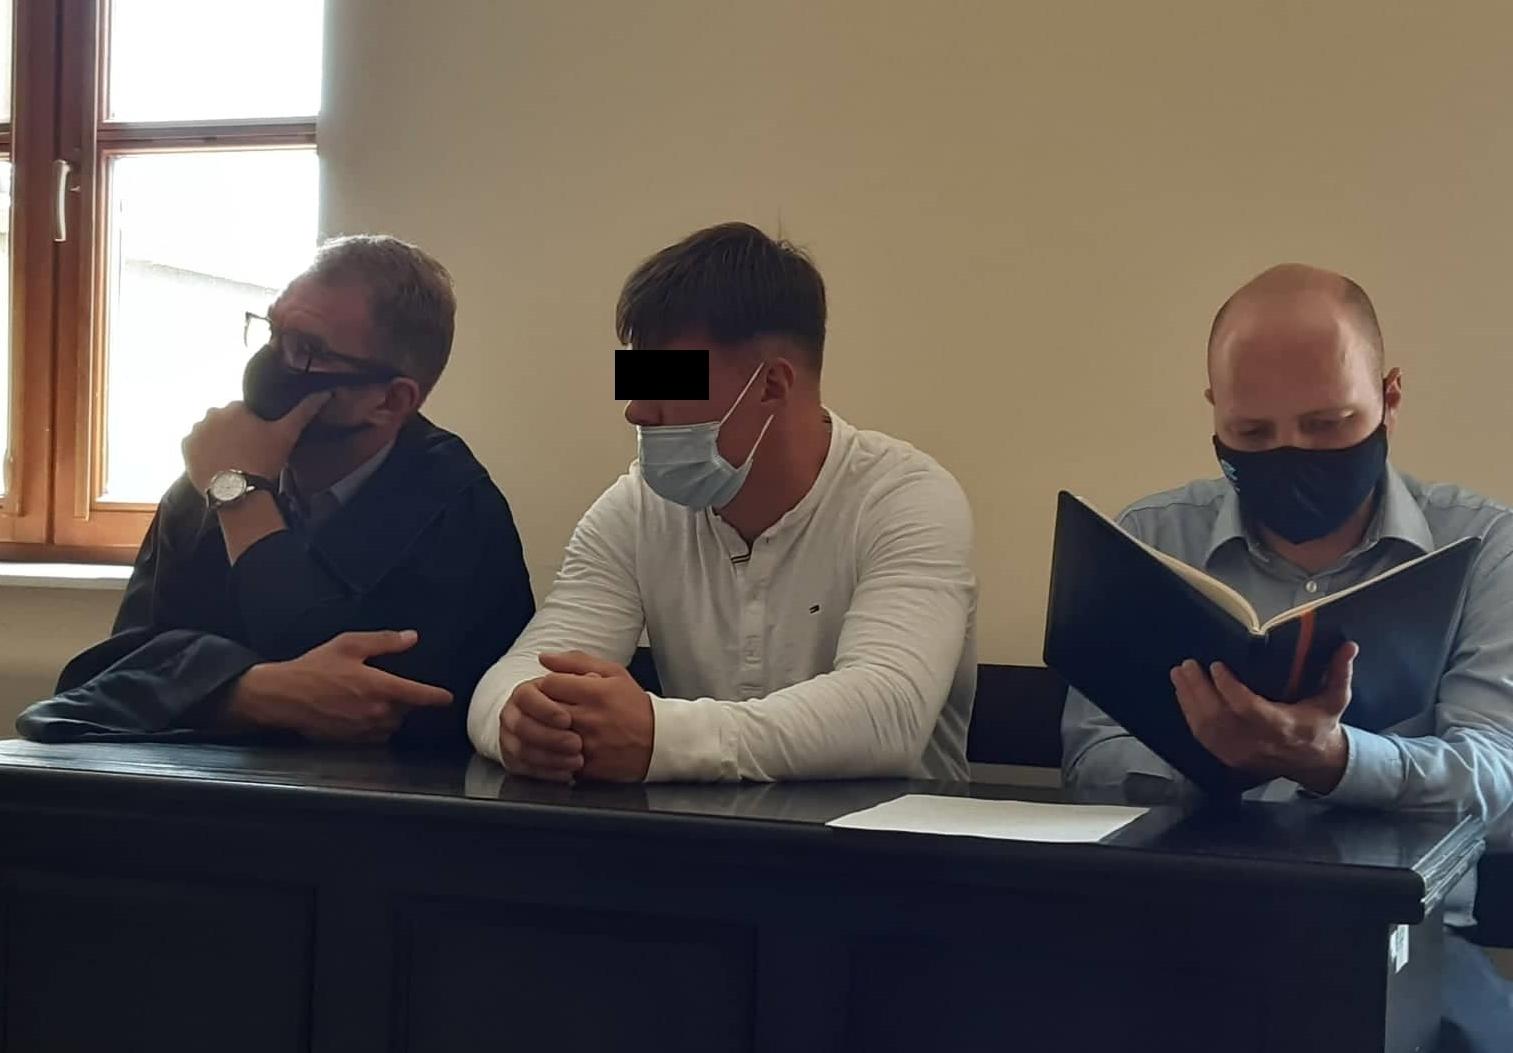 Łęczna: Student z Łęcznej zmarł po bójce na lubelskim deptaku. Jest wyrok dla tego, który zadał śmiertelny cios - Zdjęcie główne